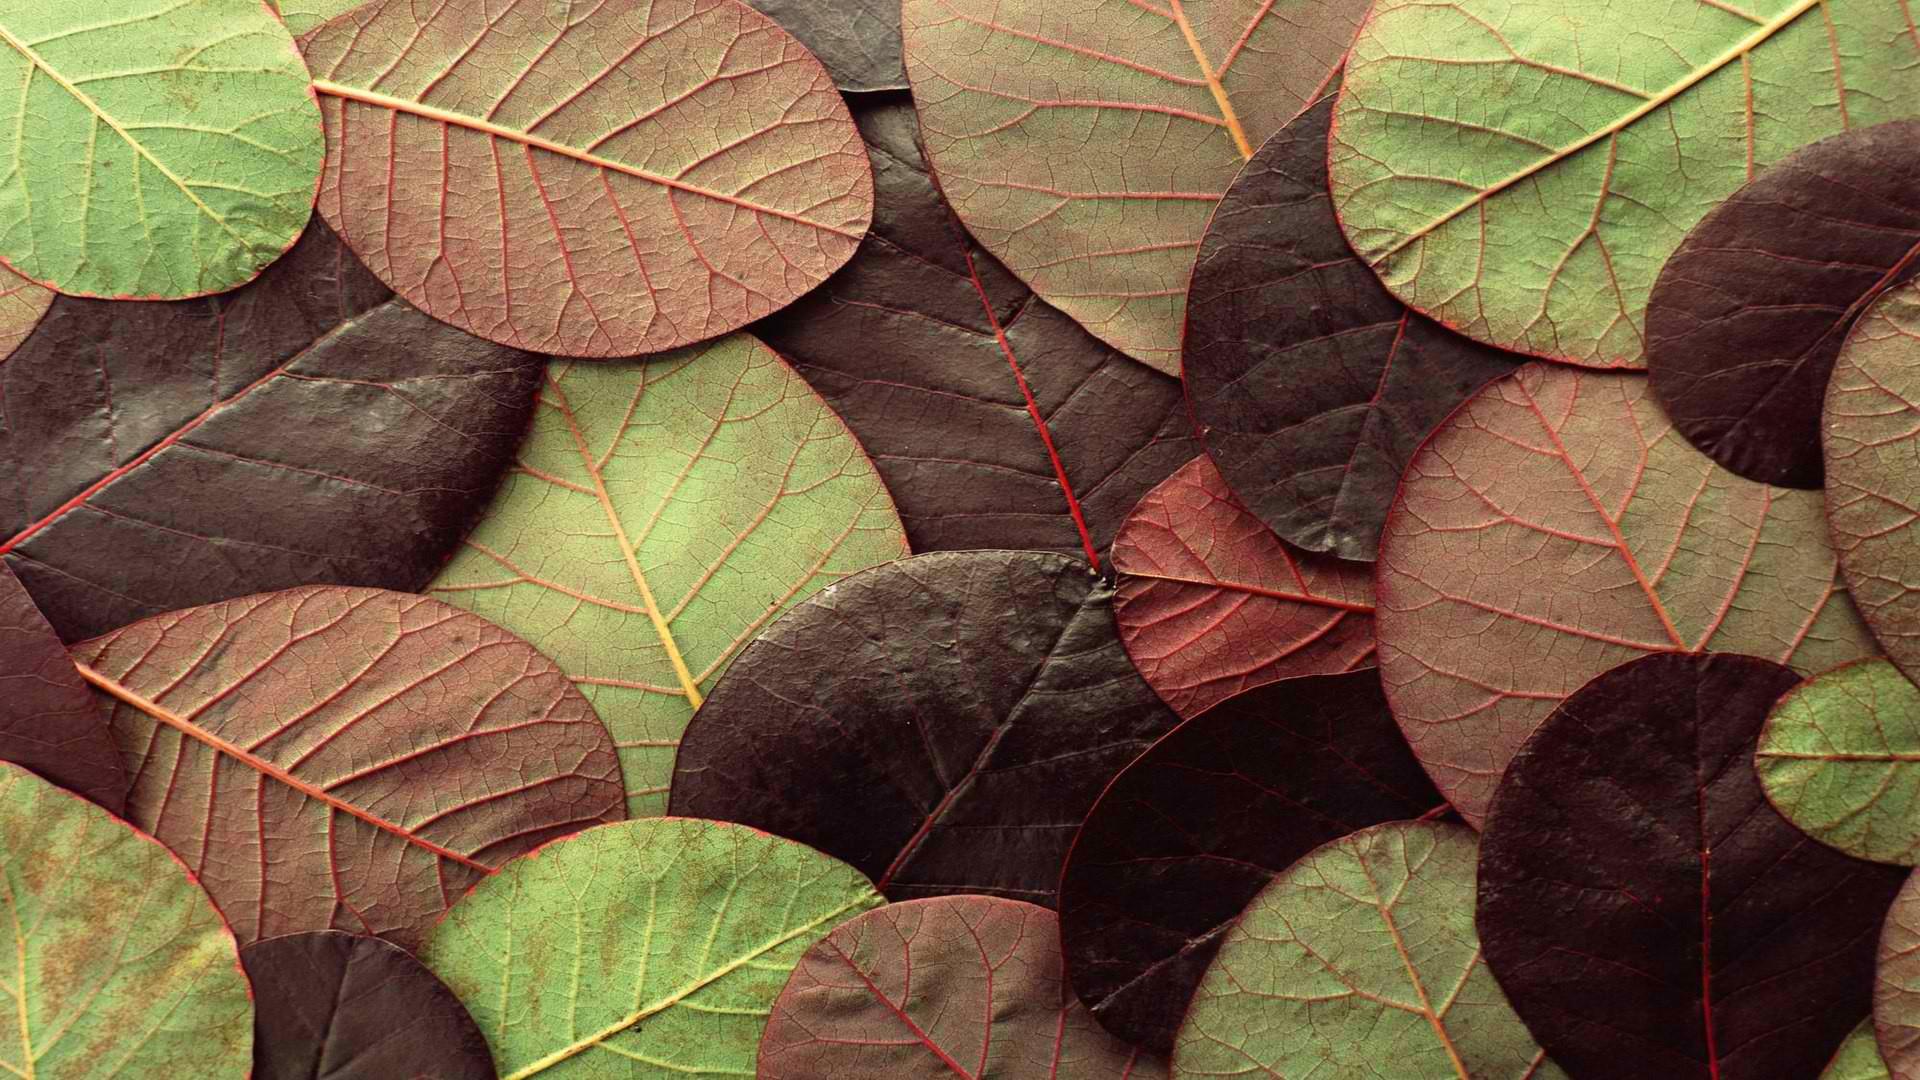 фабриках картинки в зелено-коричневом цвете поклонники, которые нетерпением